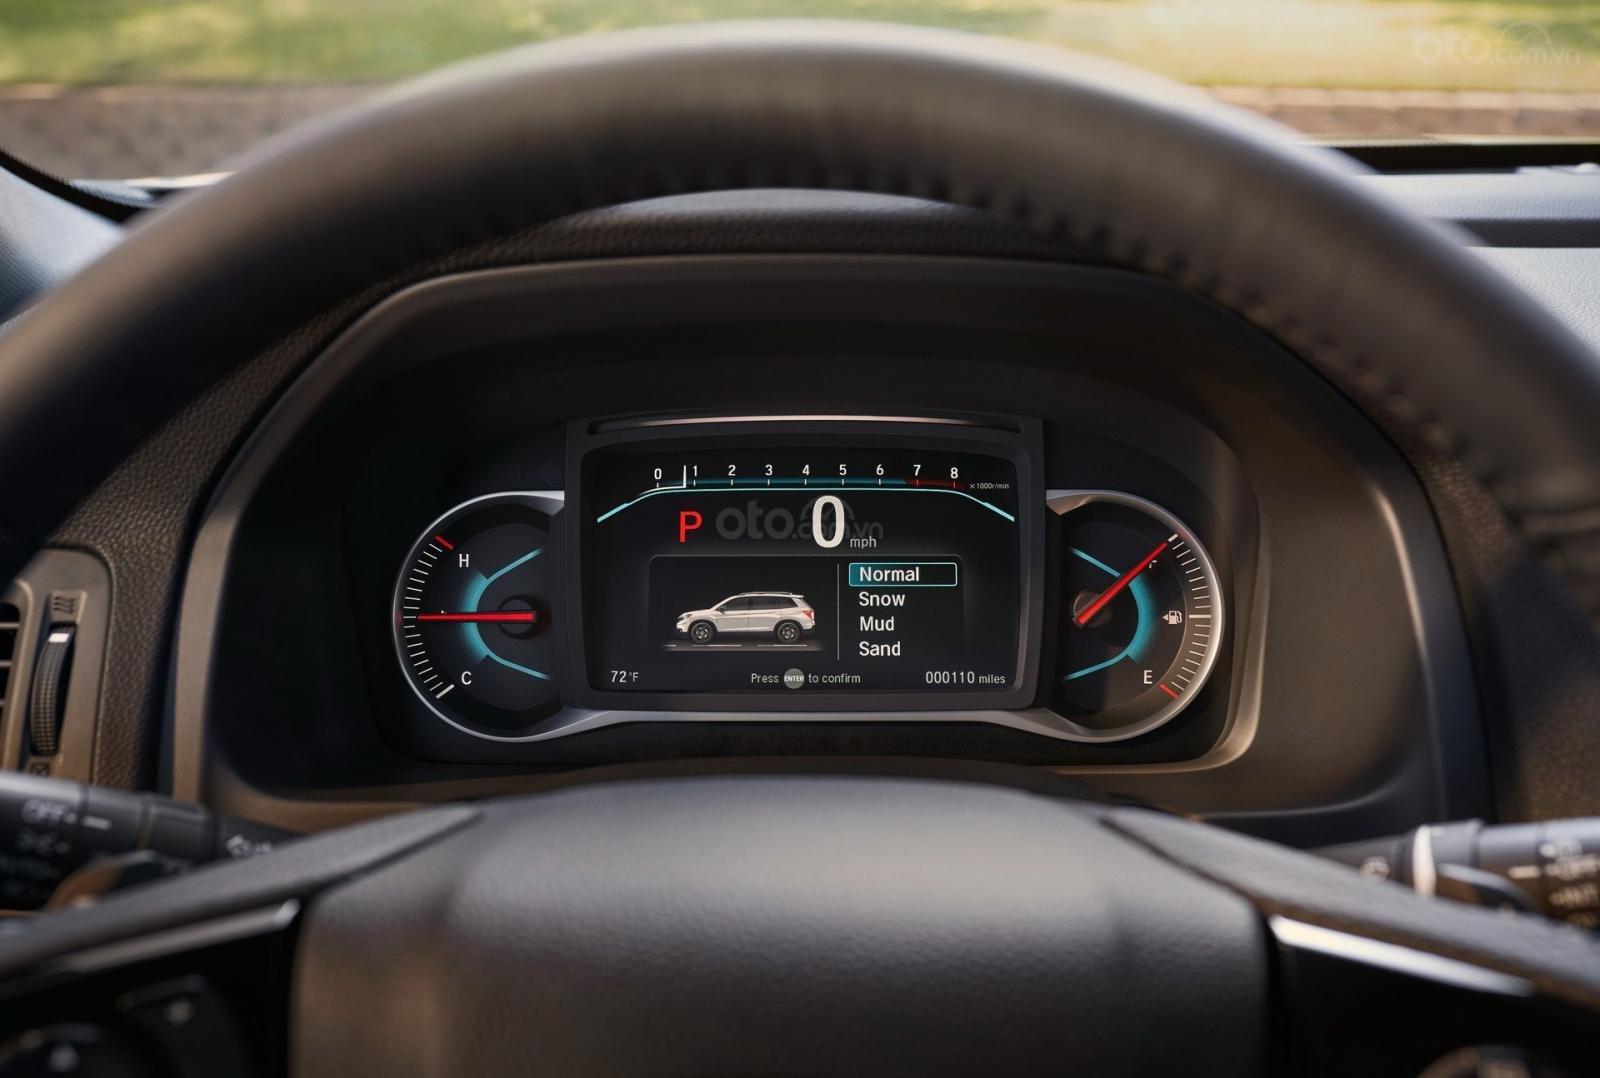 Mức tiêu thụ dự kiến của Honda Passport 2019 có thể cải thiện hơn Pilot